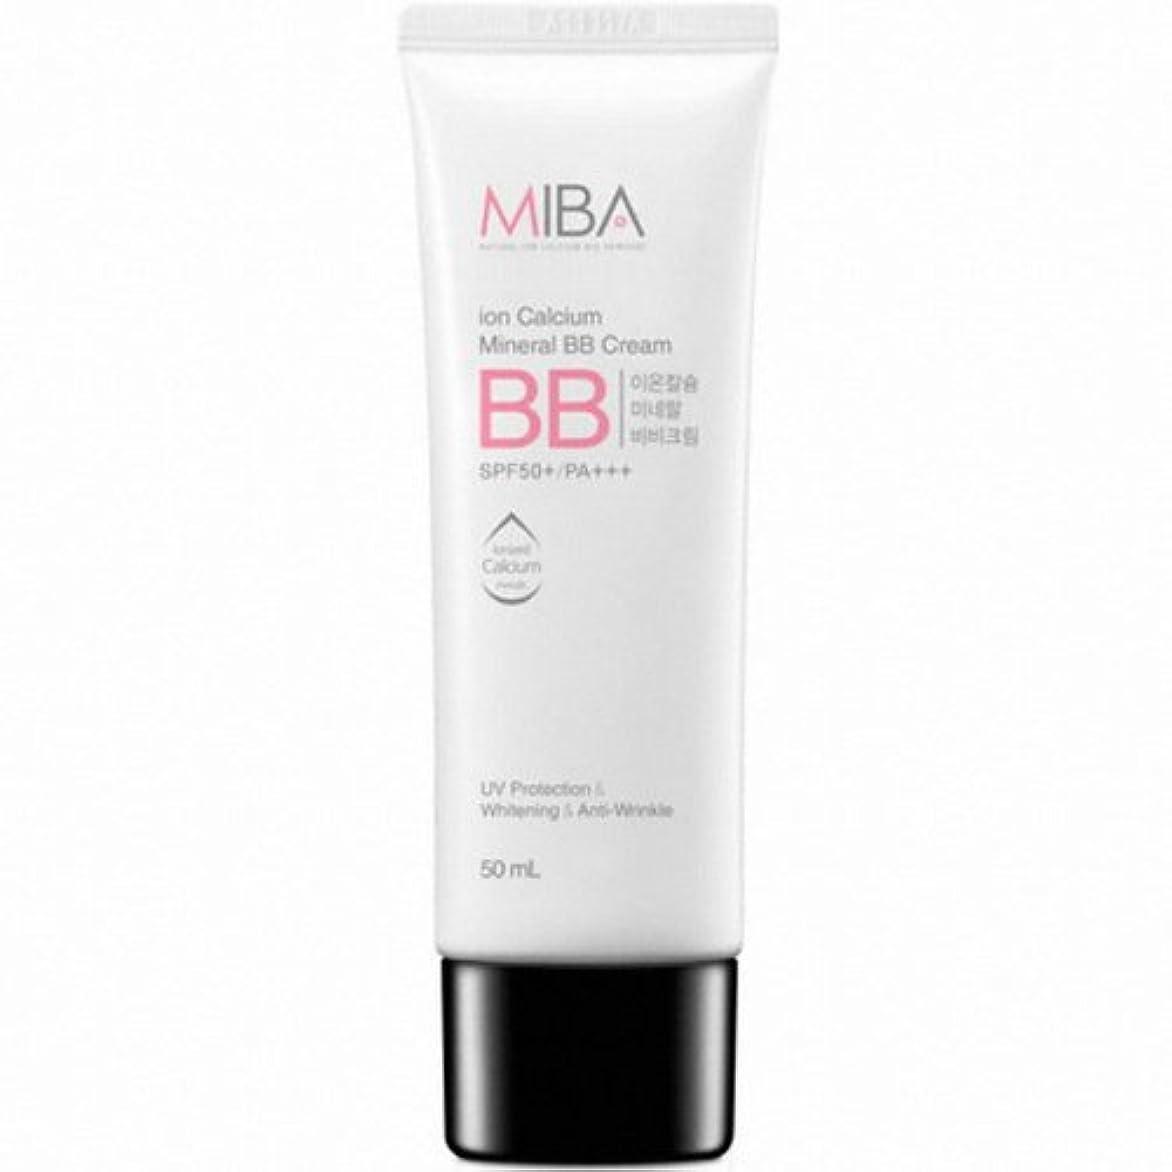 使い込むまで味方MINERALBIO (ミネラルバイオ) ミバ イオン カルシウム ミネラル ビビクリーム / MIBA Ion Calcium Mineral BB Cream (50ml) [並行輸入品]